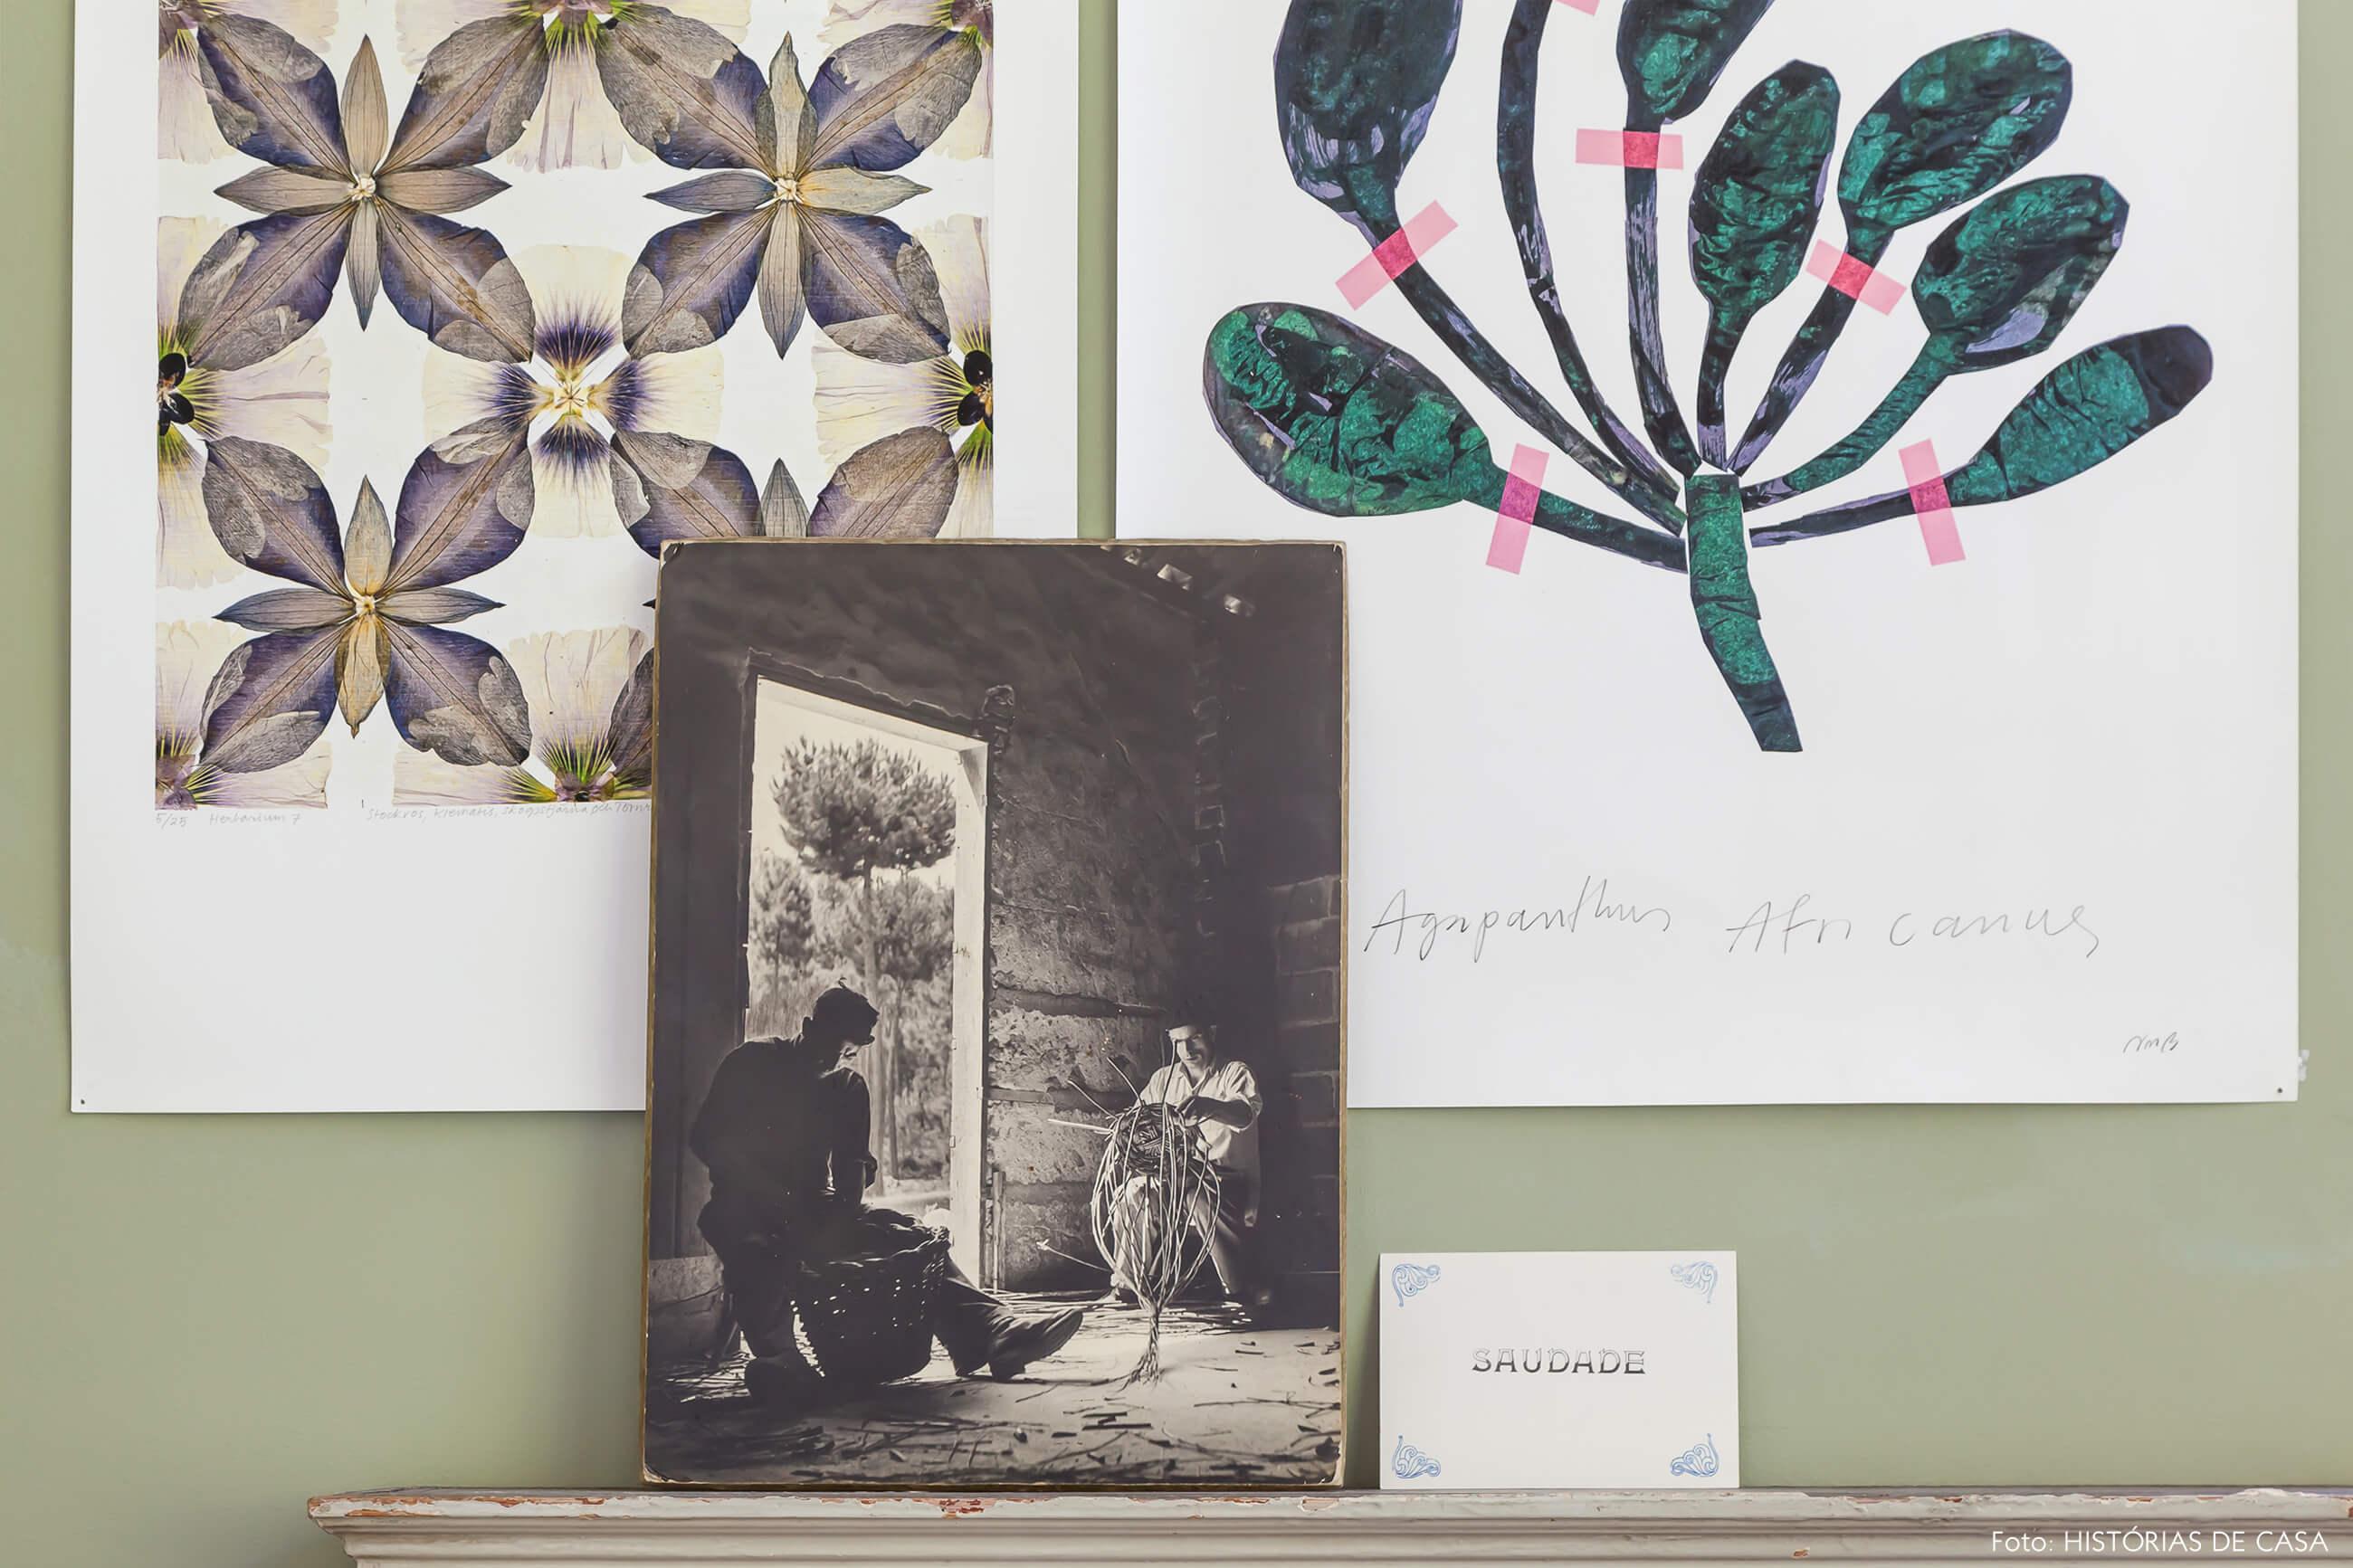 Ap decoração detalhe da parede verde com foto e ilutrações